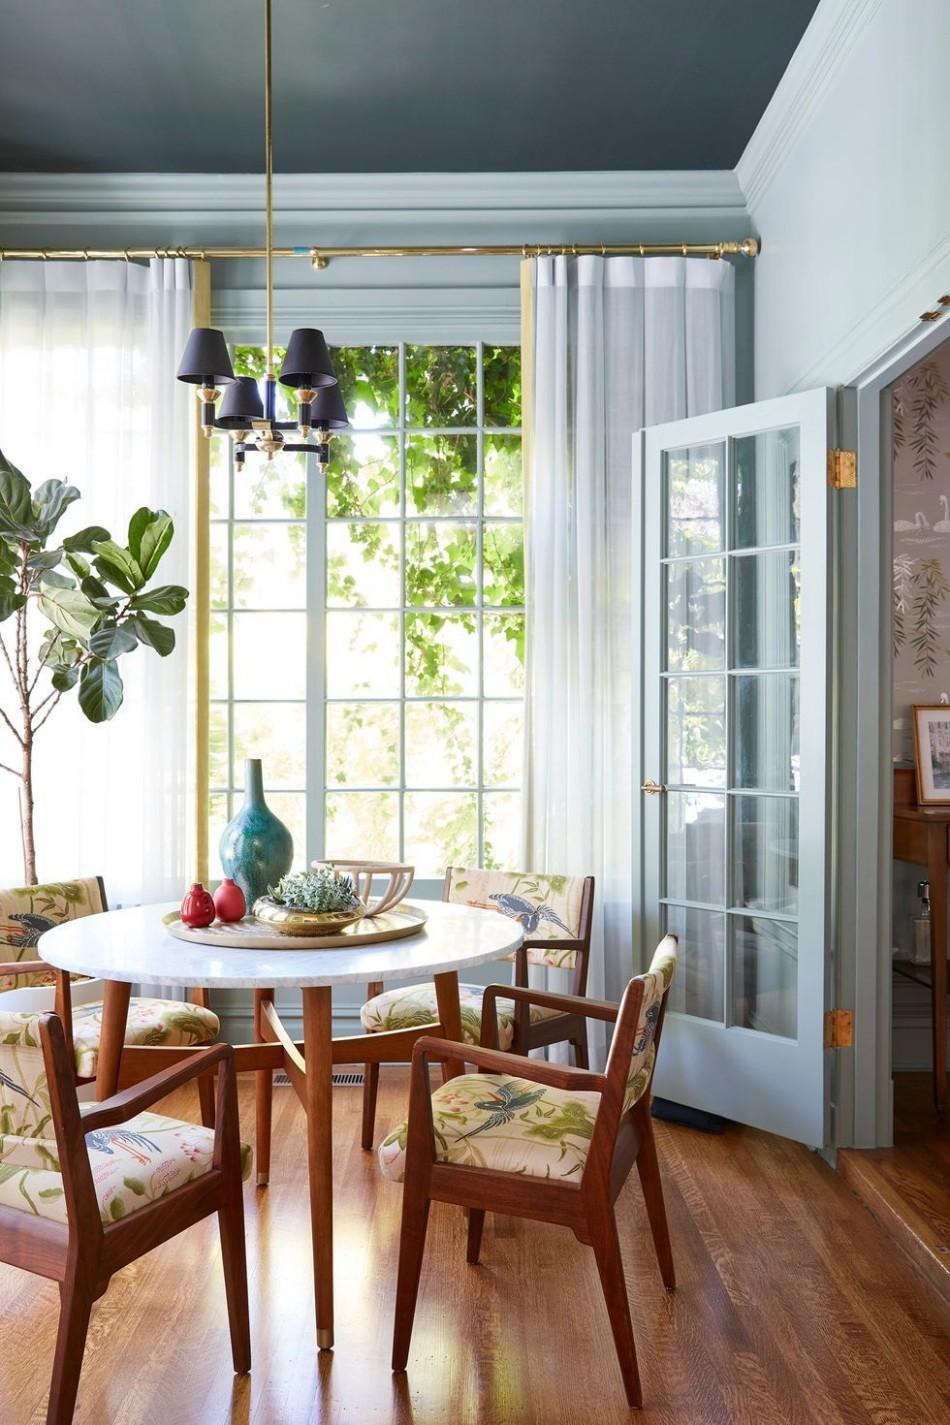 8 Pretty Sunroom Ideas - Chic Designs & Decor for Screened In Porches - Sunroom Dining Room Ideas